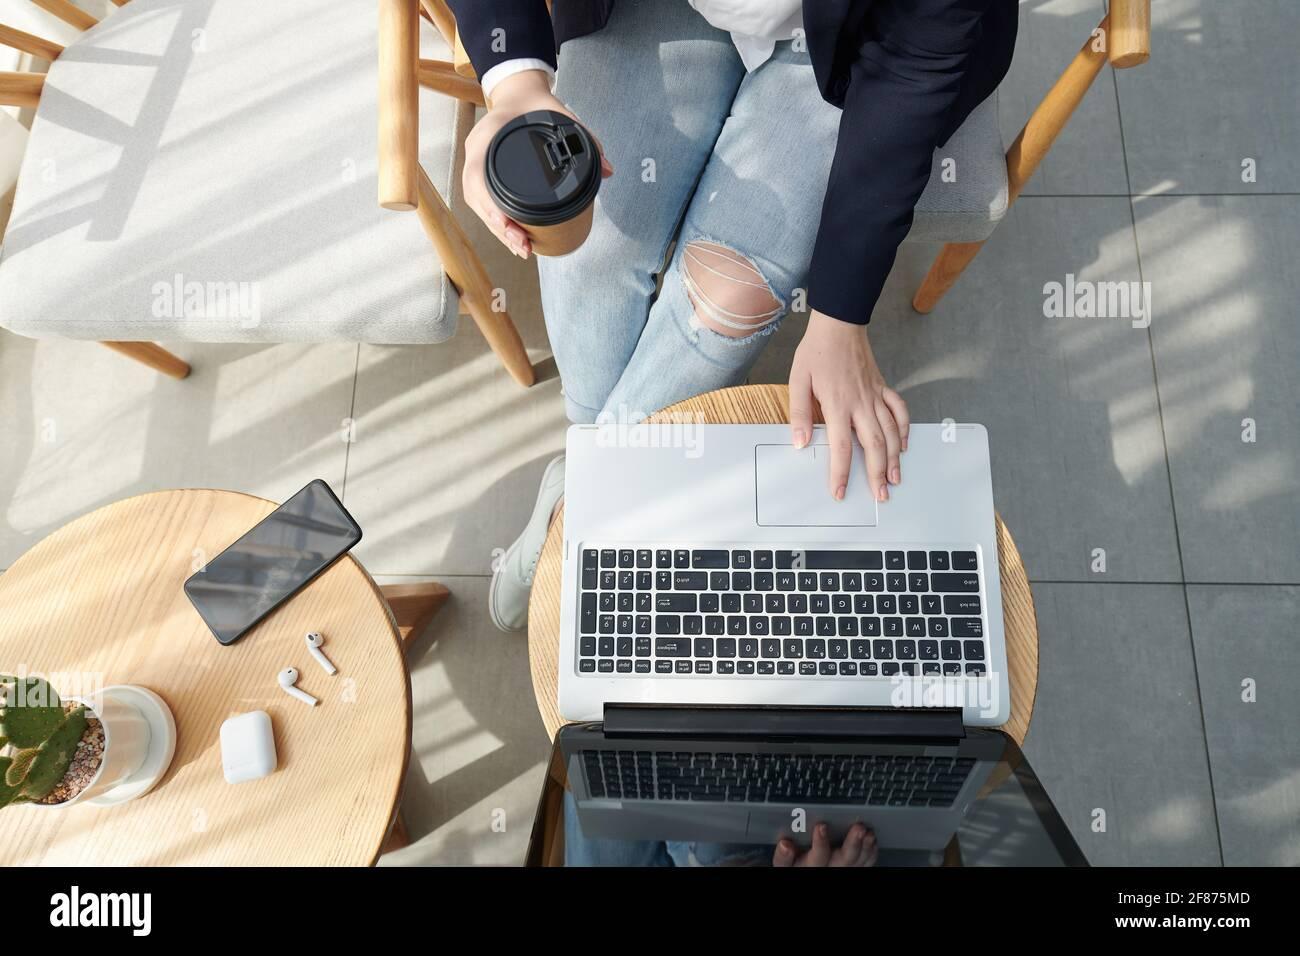 Manos de una estudiante universitaria bebiendo café y trabajando en un ordenador portátil, estudiando y trabajando en un proyecto, vista desde arriba Foto de stock